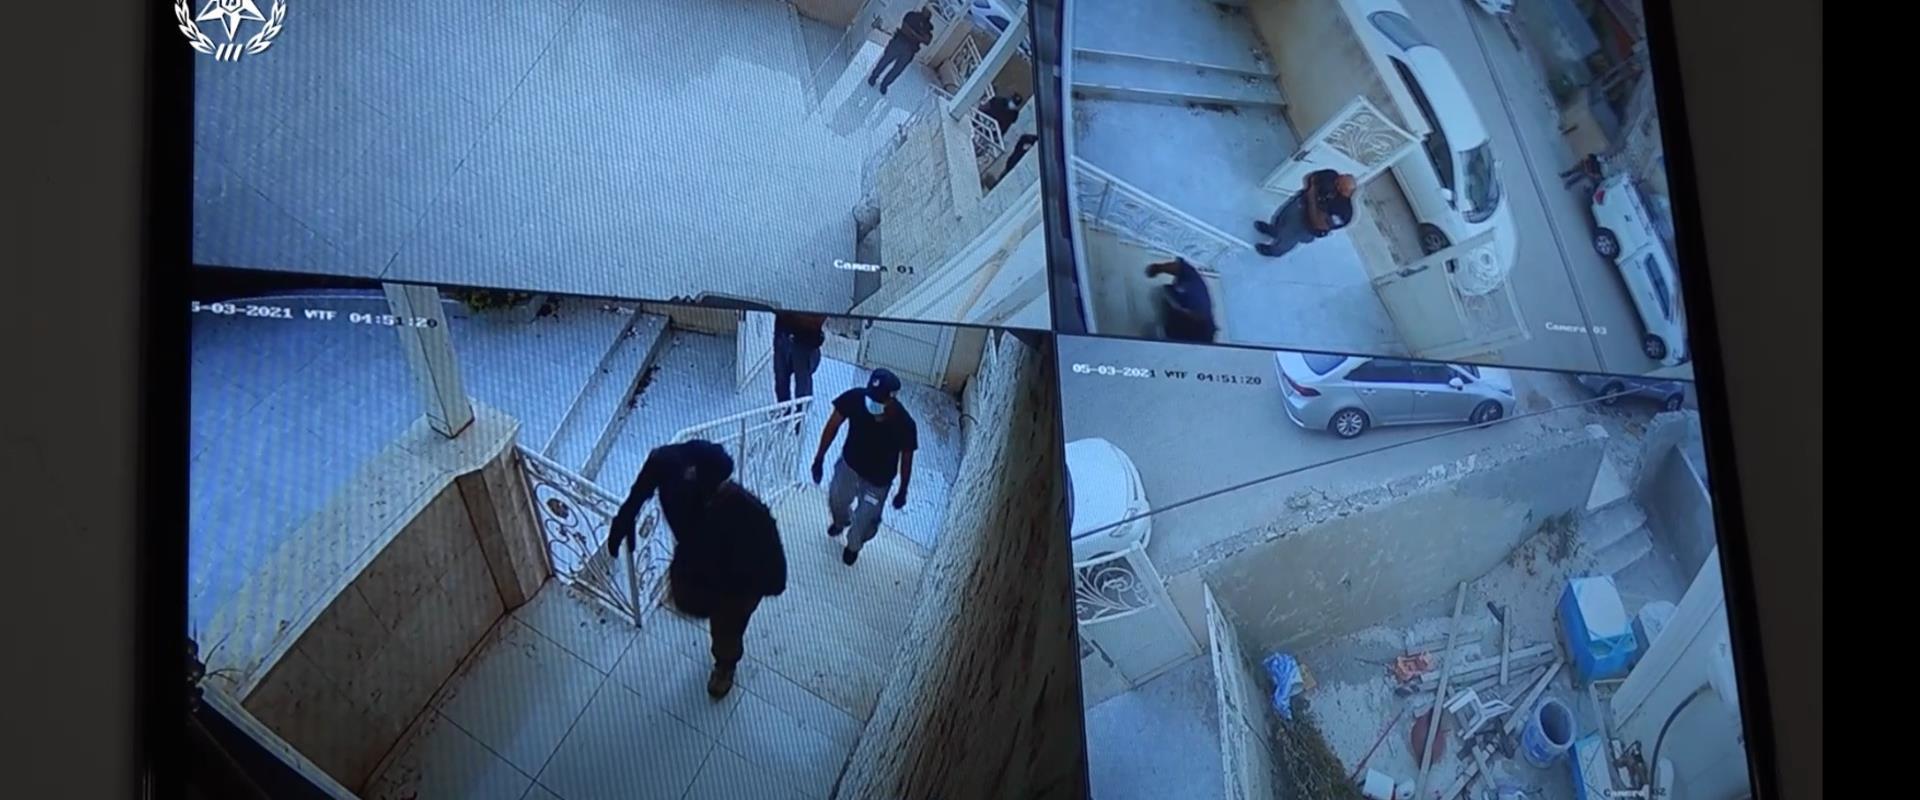 عملية مداهمة أحد منازل المشتبه بهم